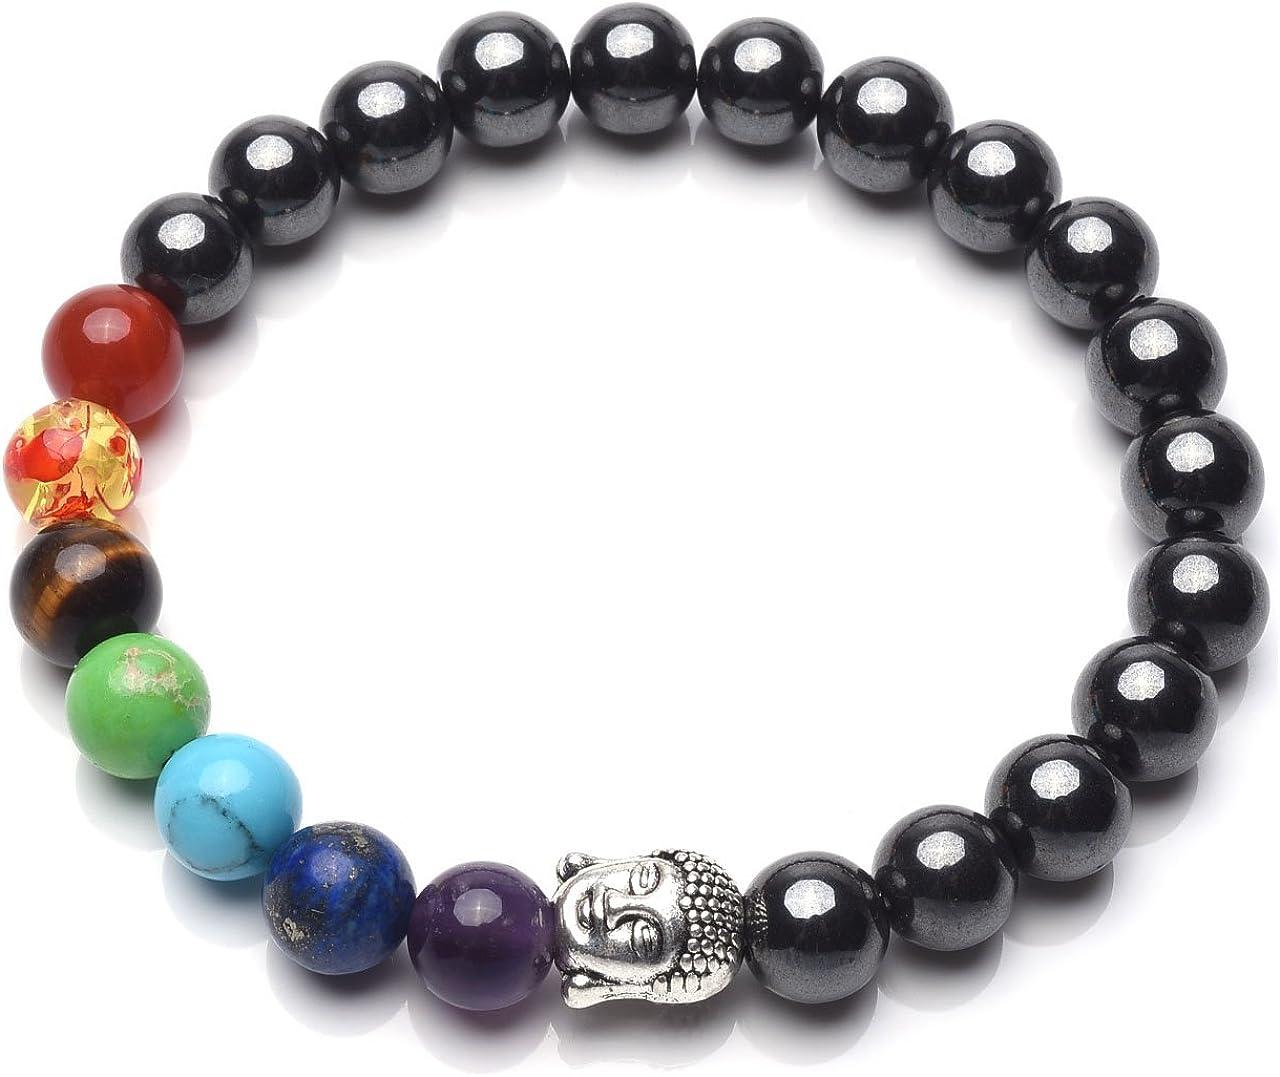 CrystalTears - Pulsera de cuentas de hematita con cristales curativos de los 7 chakras, pulsera para terapia magnética con cabeza de buda, para yoga, meditación